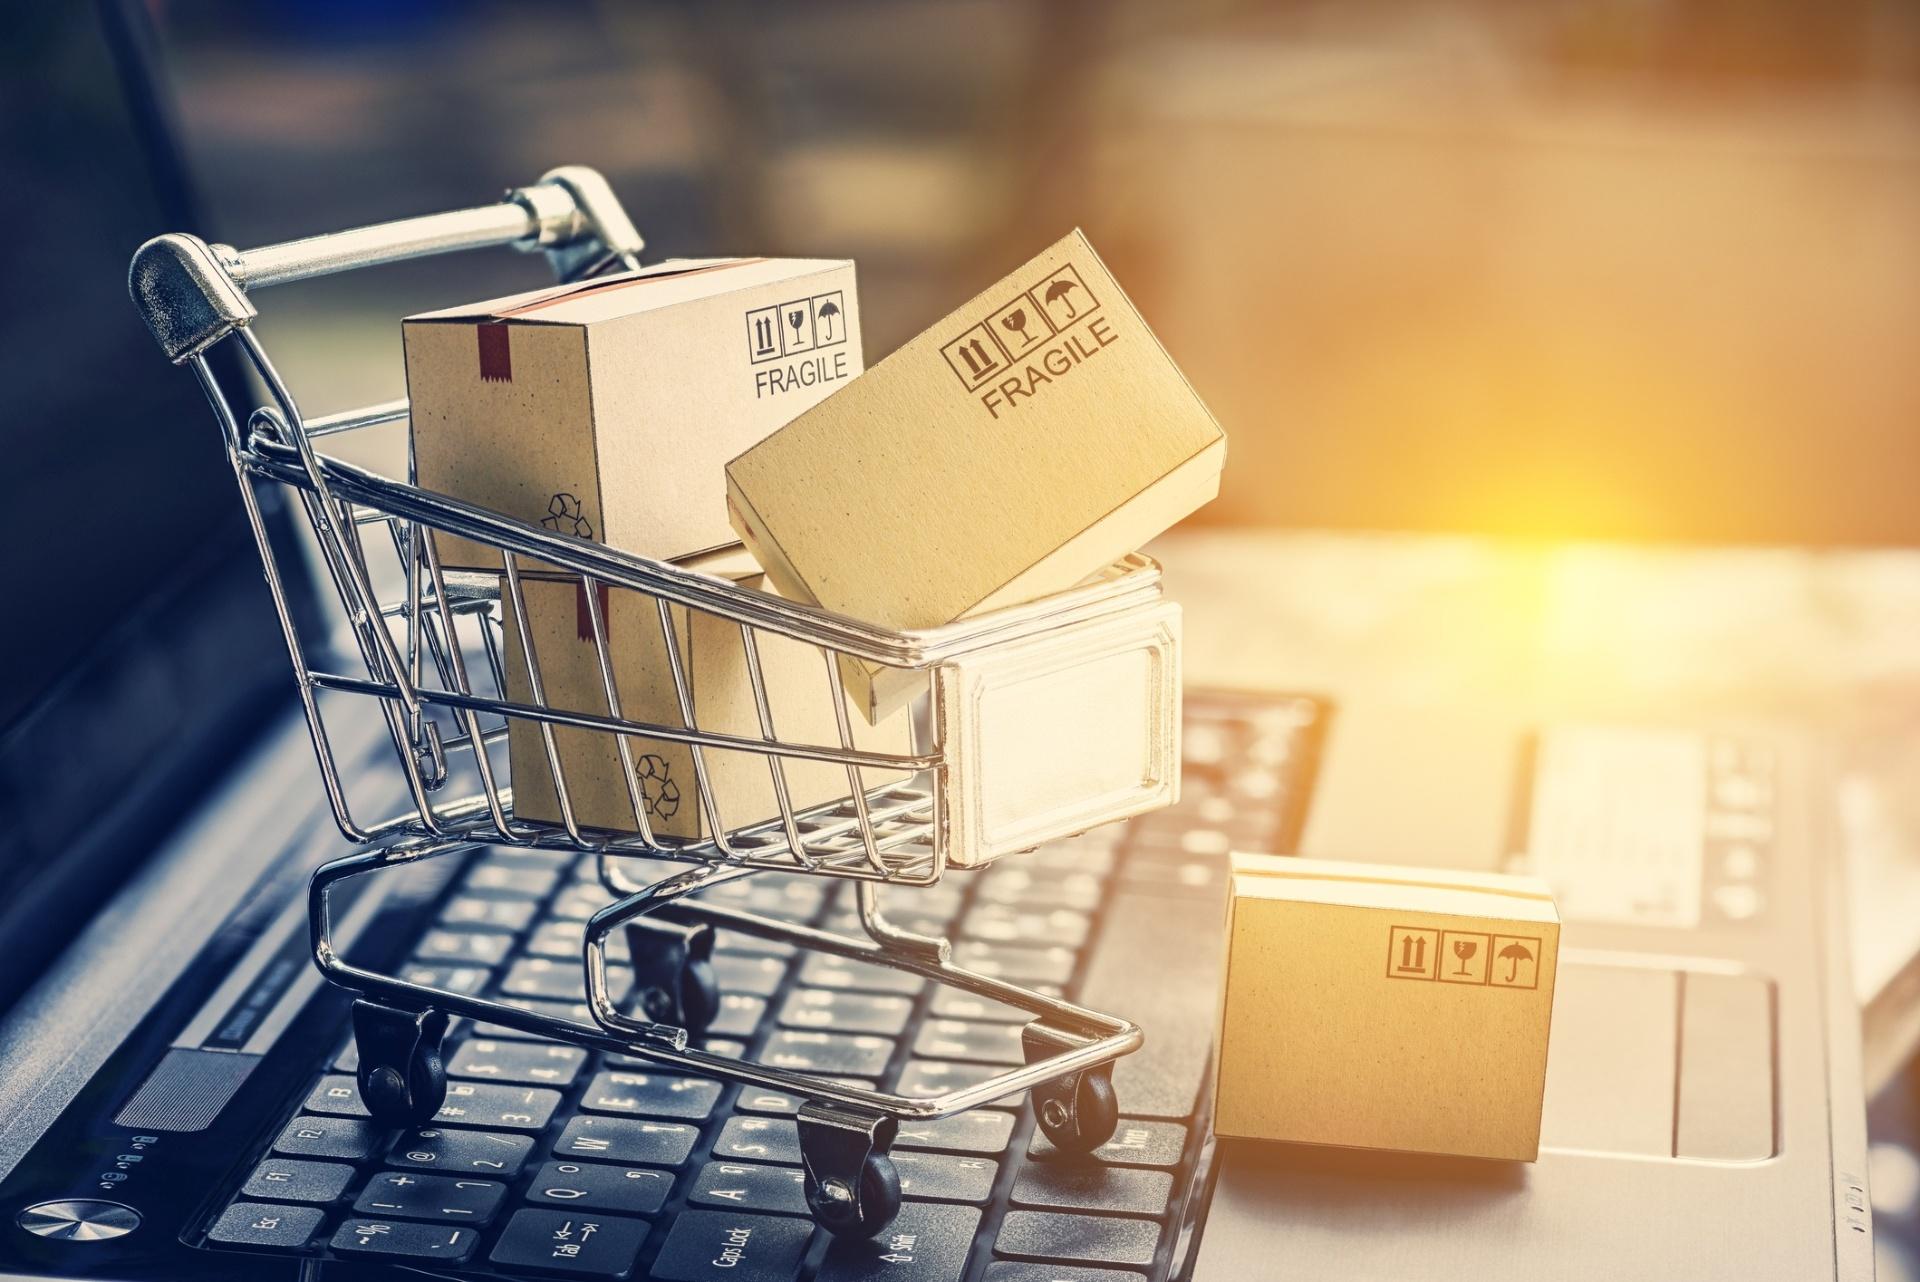 marketpalce computador-e-commerce-1527111913292_1920x1282